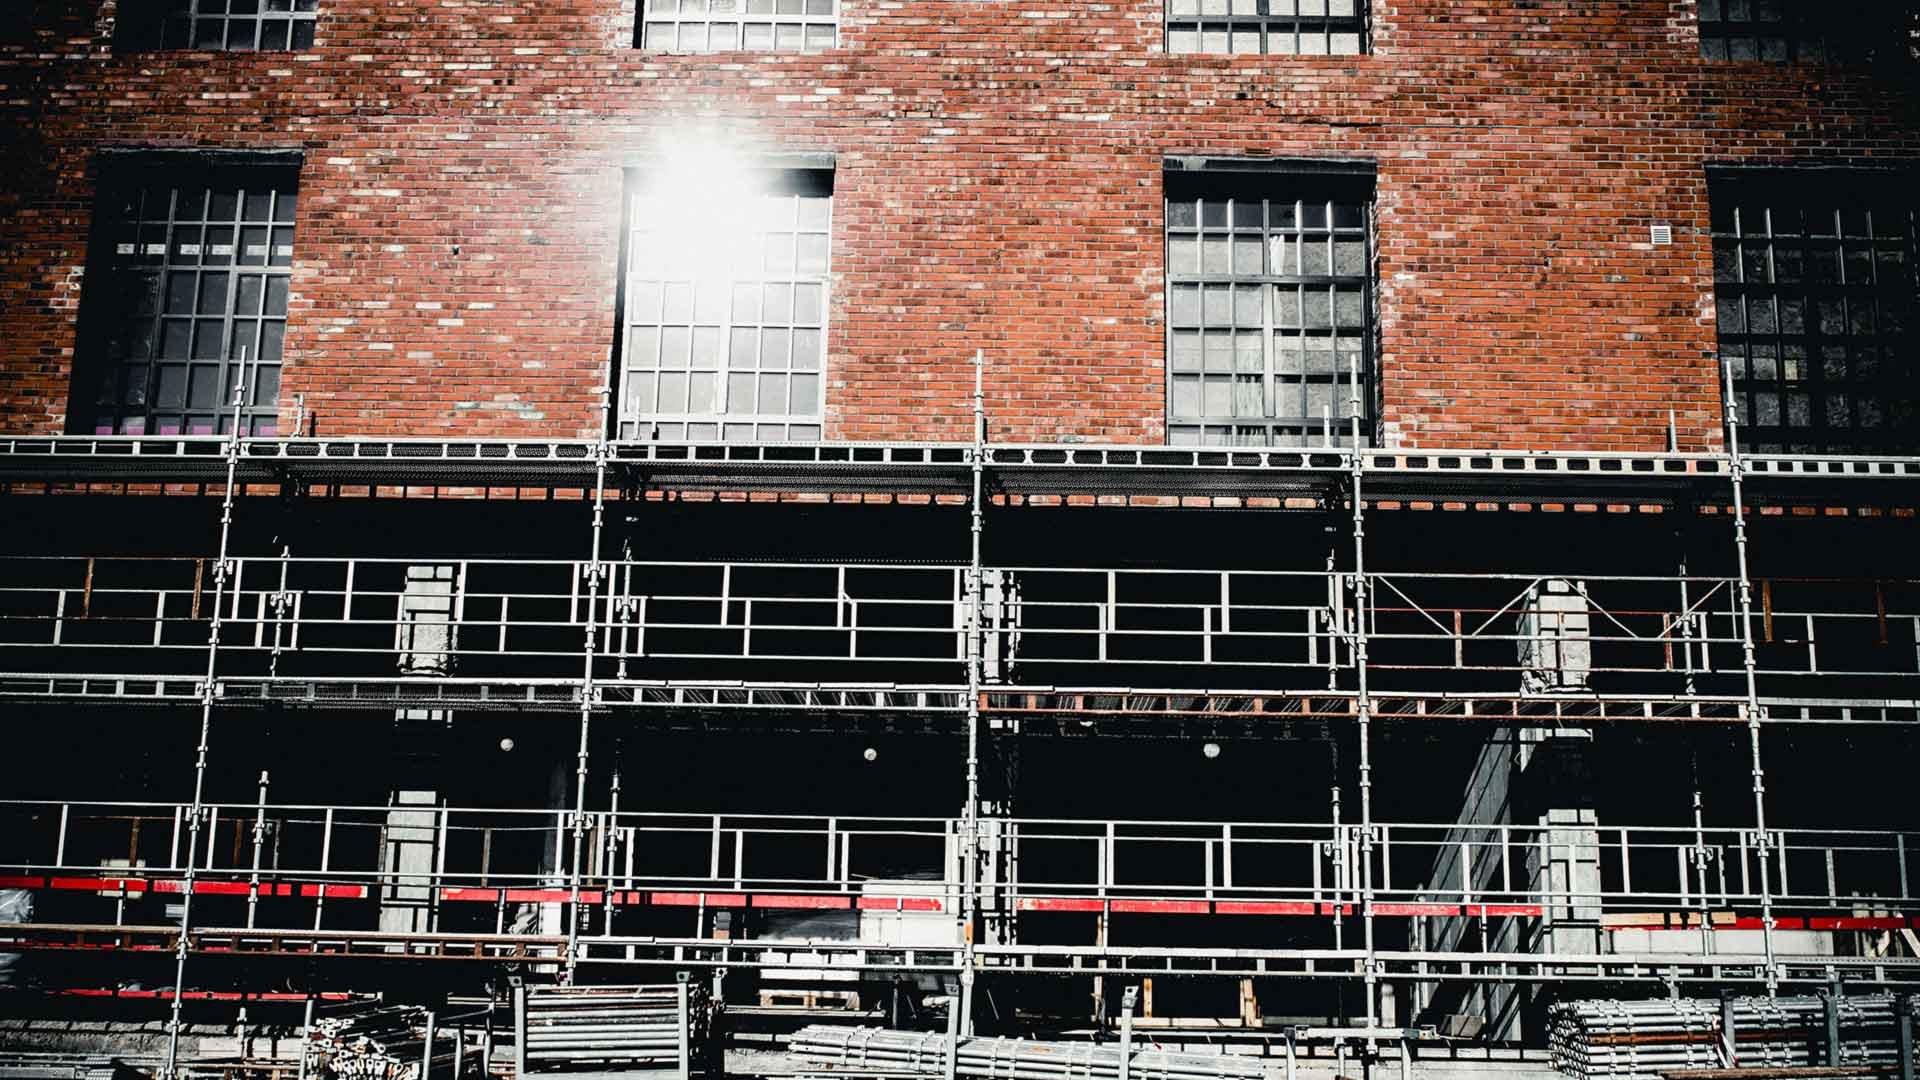 renovert murbygning på hasle med betydelig grad av resurkulasjon av byggmaterialer